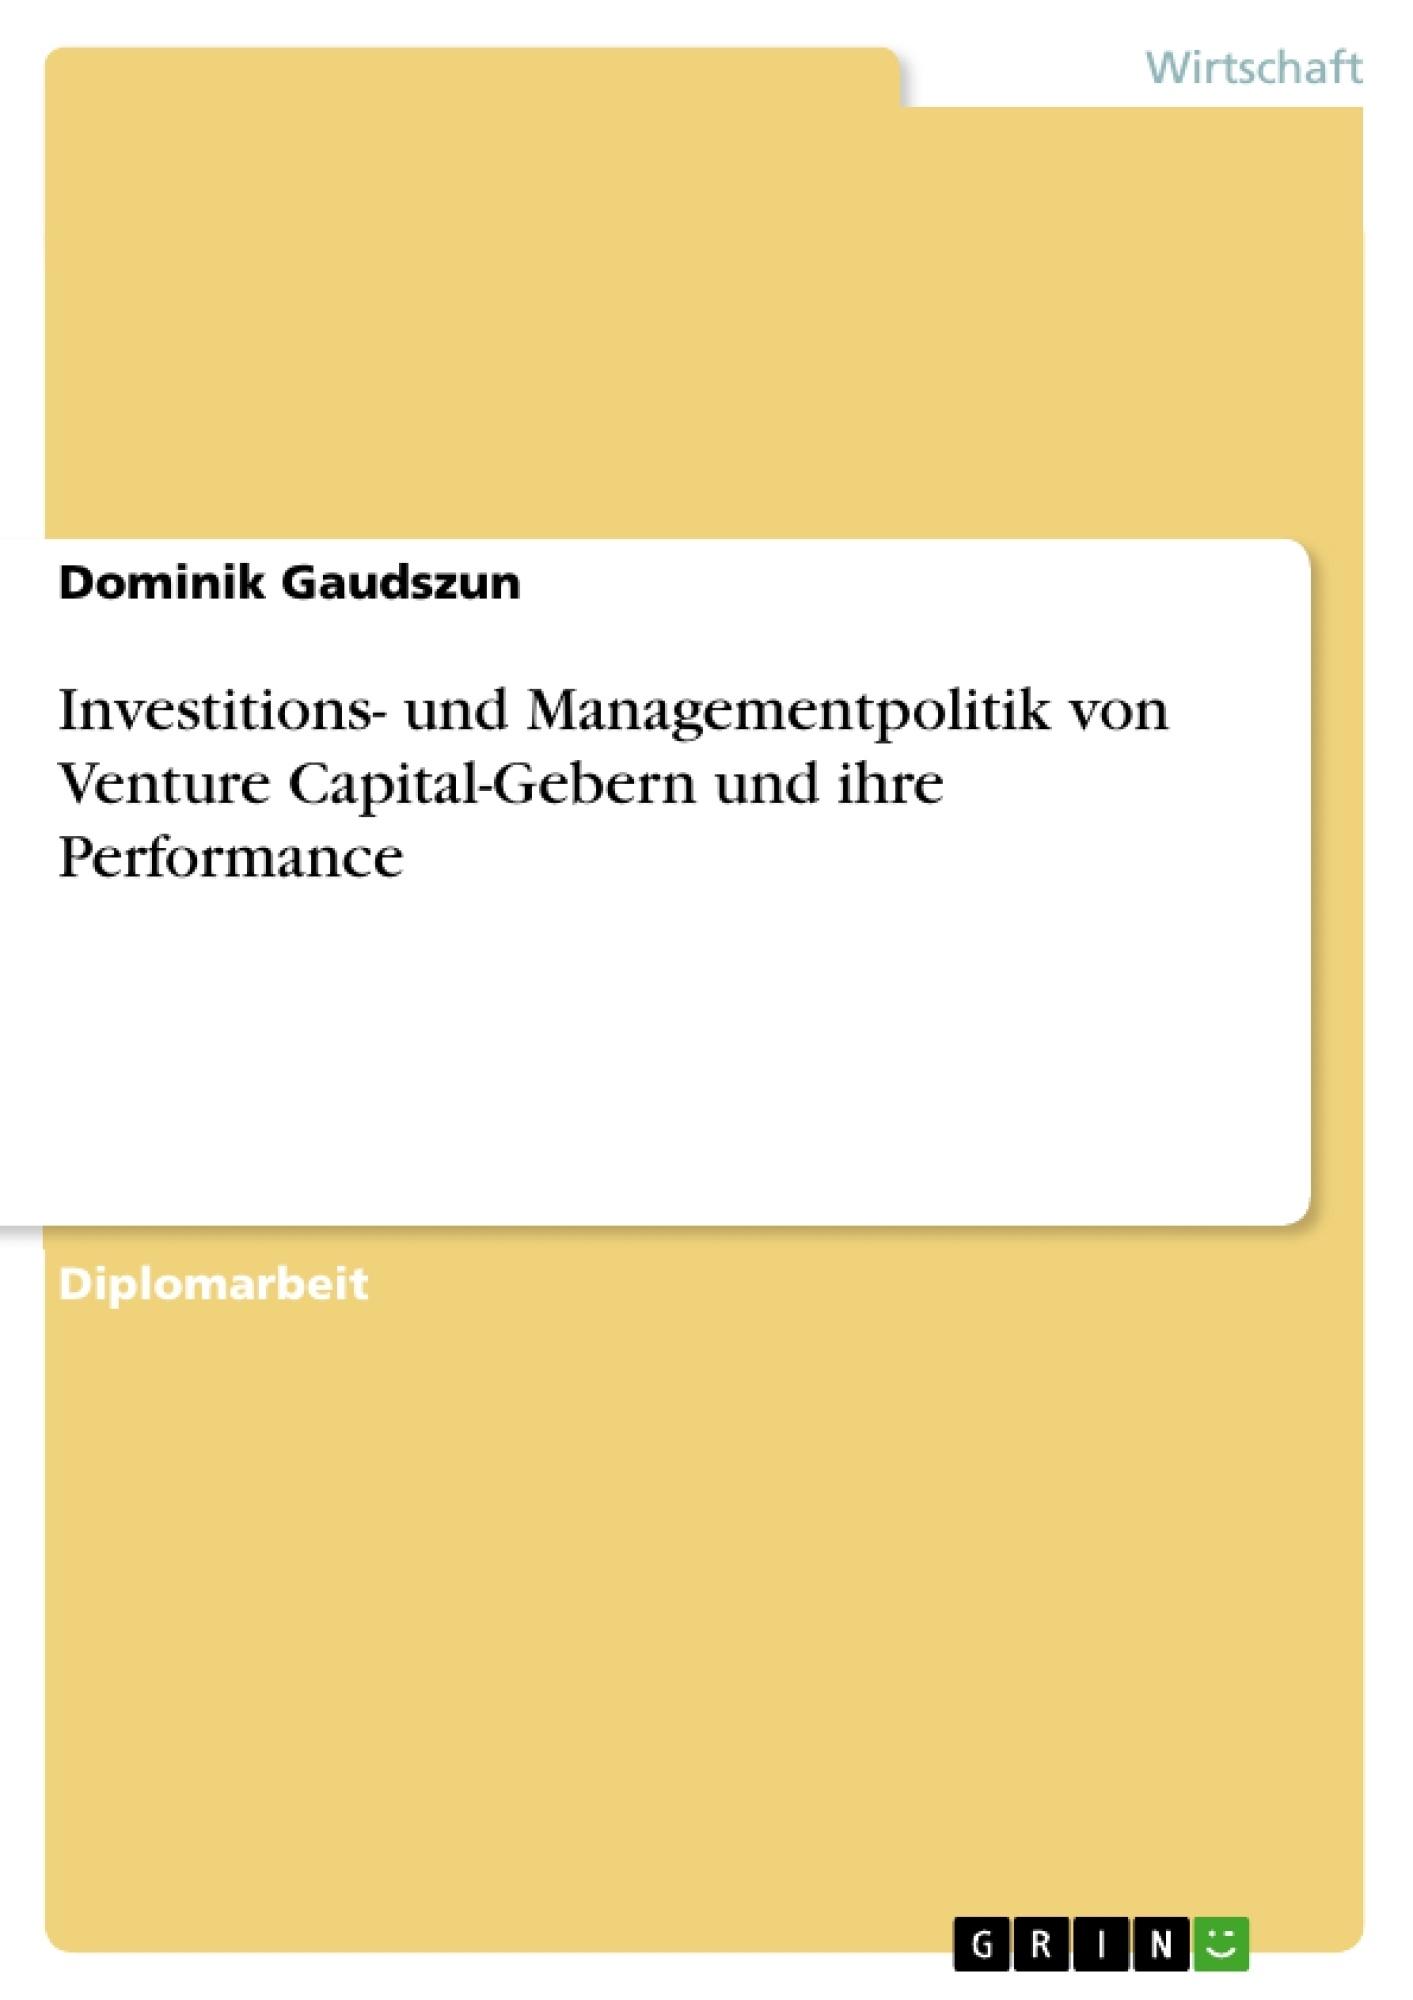 Titel: Investitions- und Managementpolitik von Venture Capital-Gebern und ihre Performance